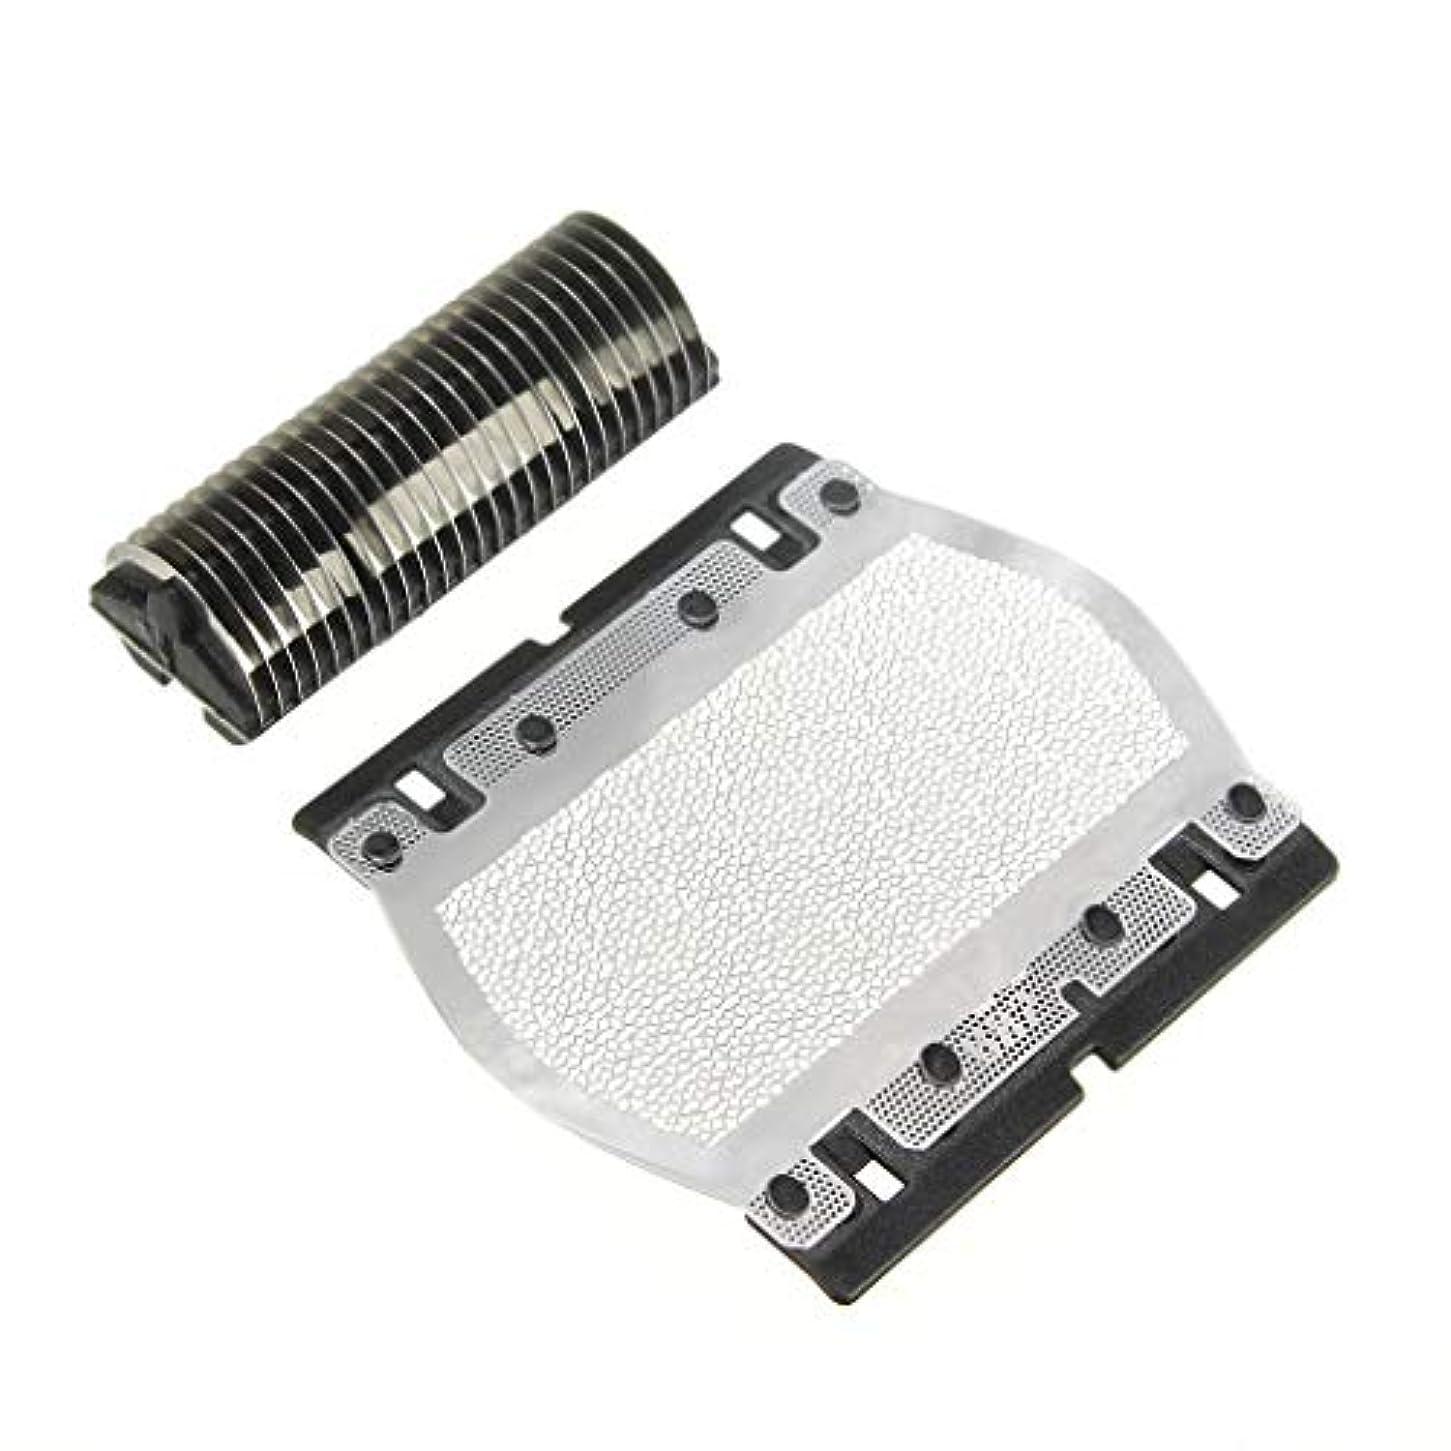 代表ボタン維持するuzinby シェーバー替刃 BRAUN替刃 ブラウン11Bシリーズに適用 BRAUN1 110 120 130 140 150 5684 5685に対応